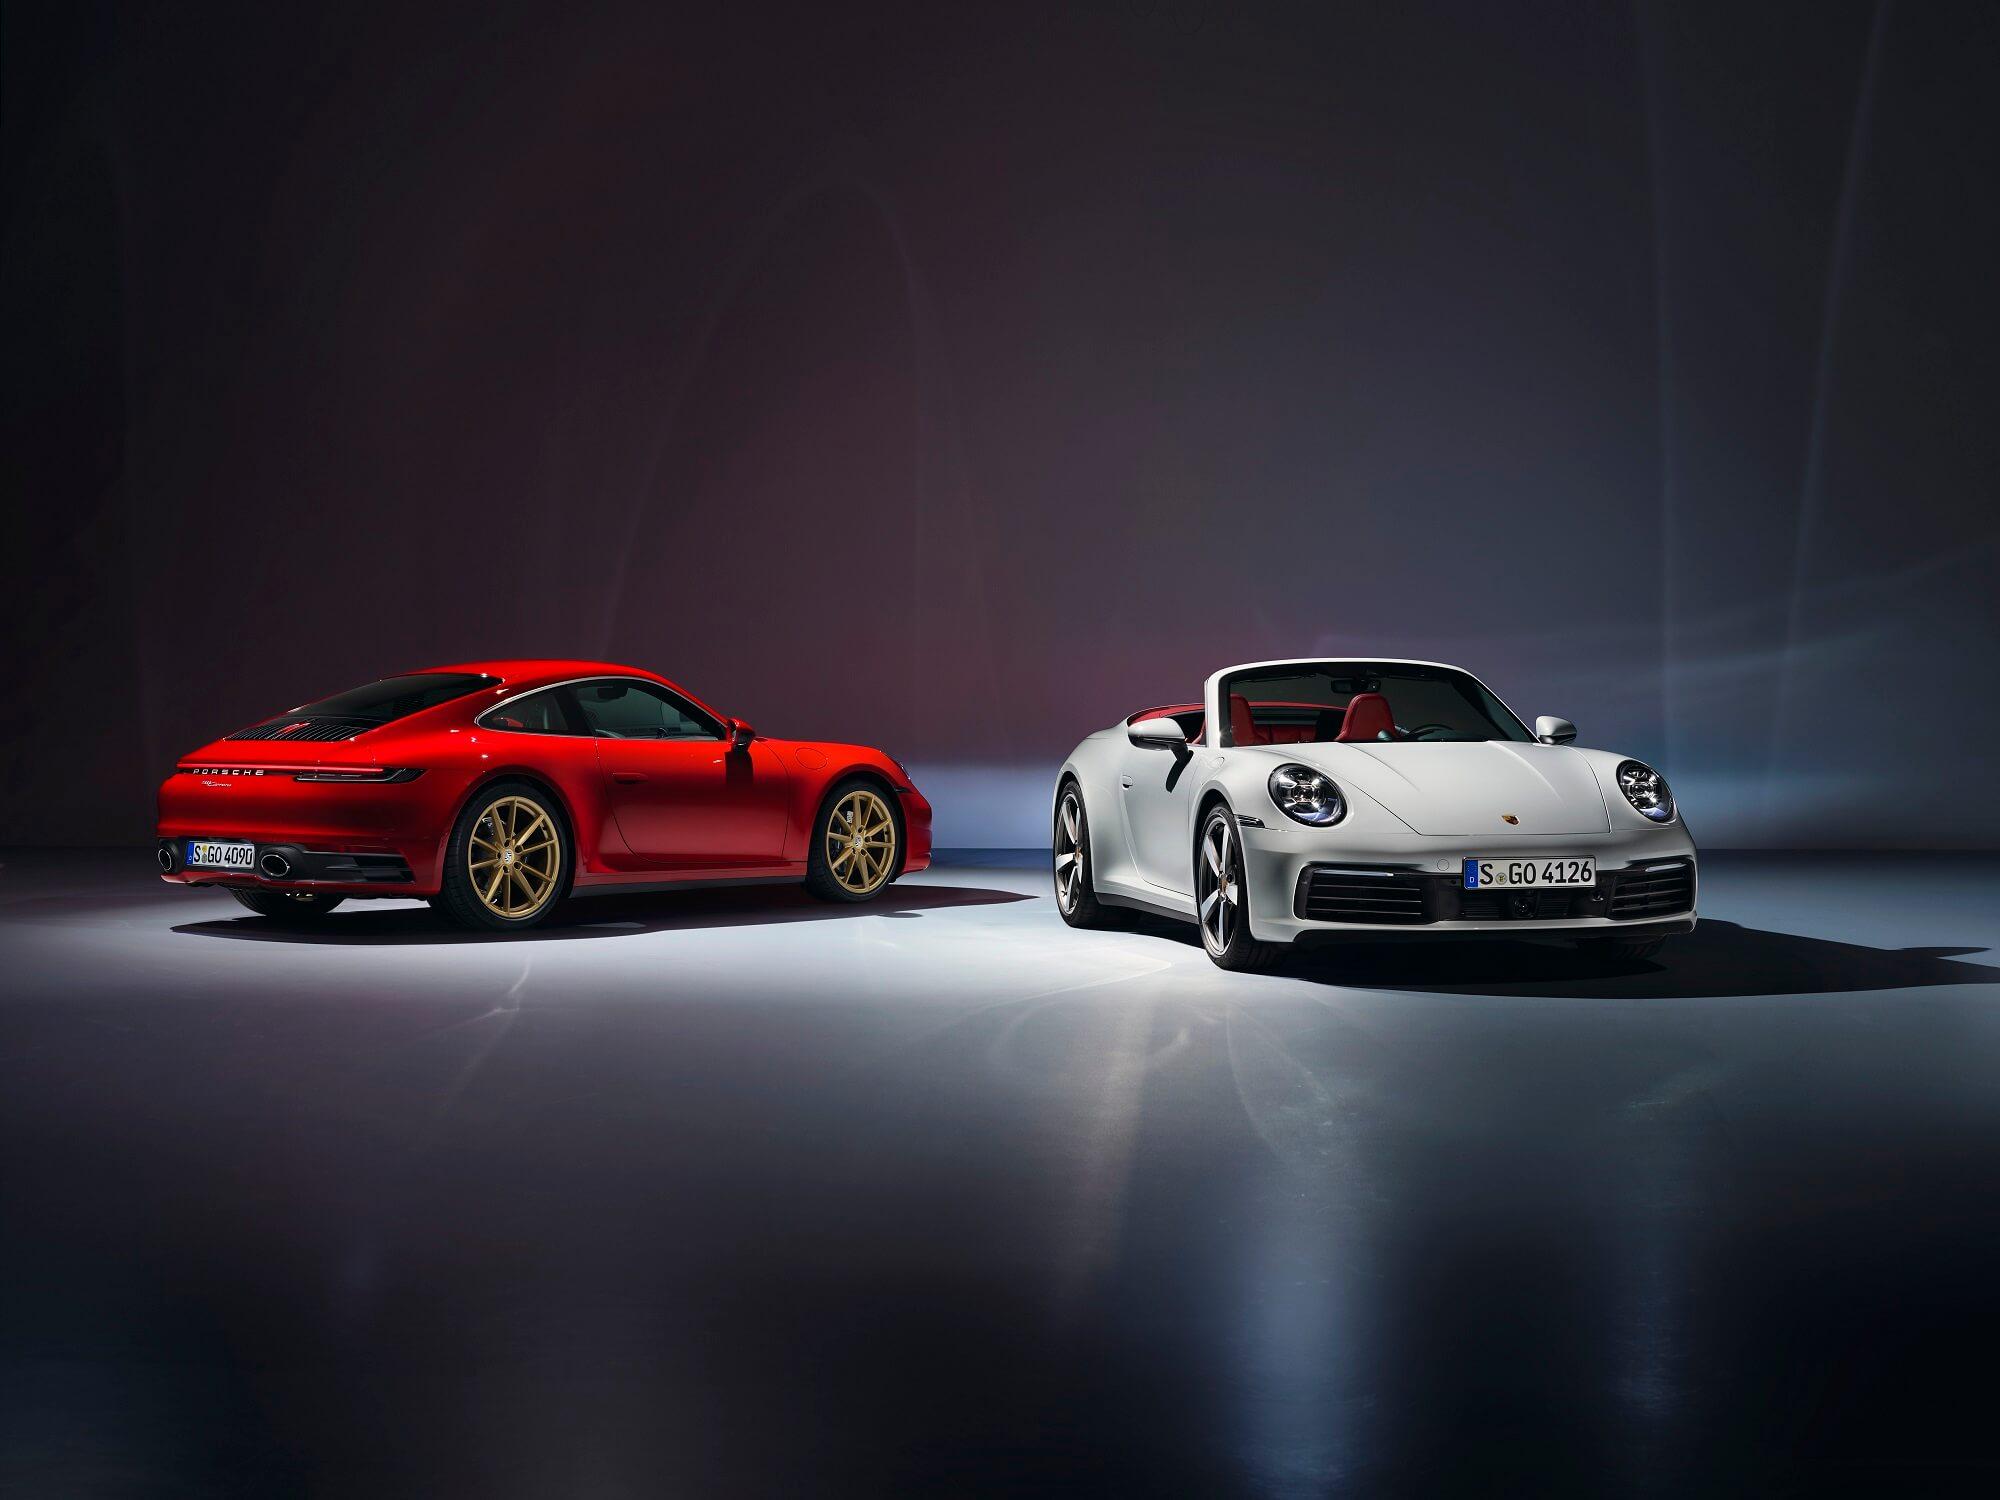 Porsche 911 Carrera, Porsche 911 Carrera Cabriolet